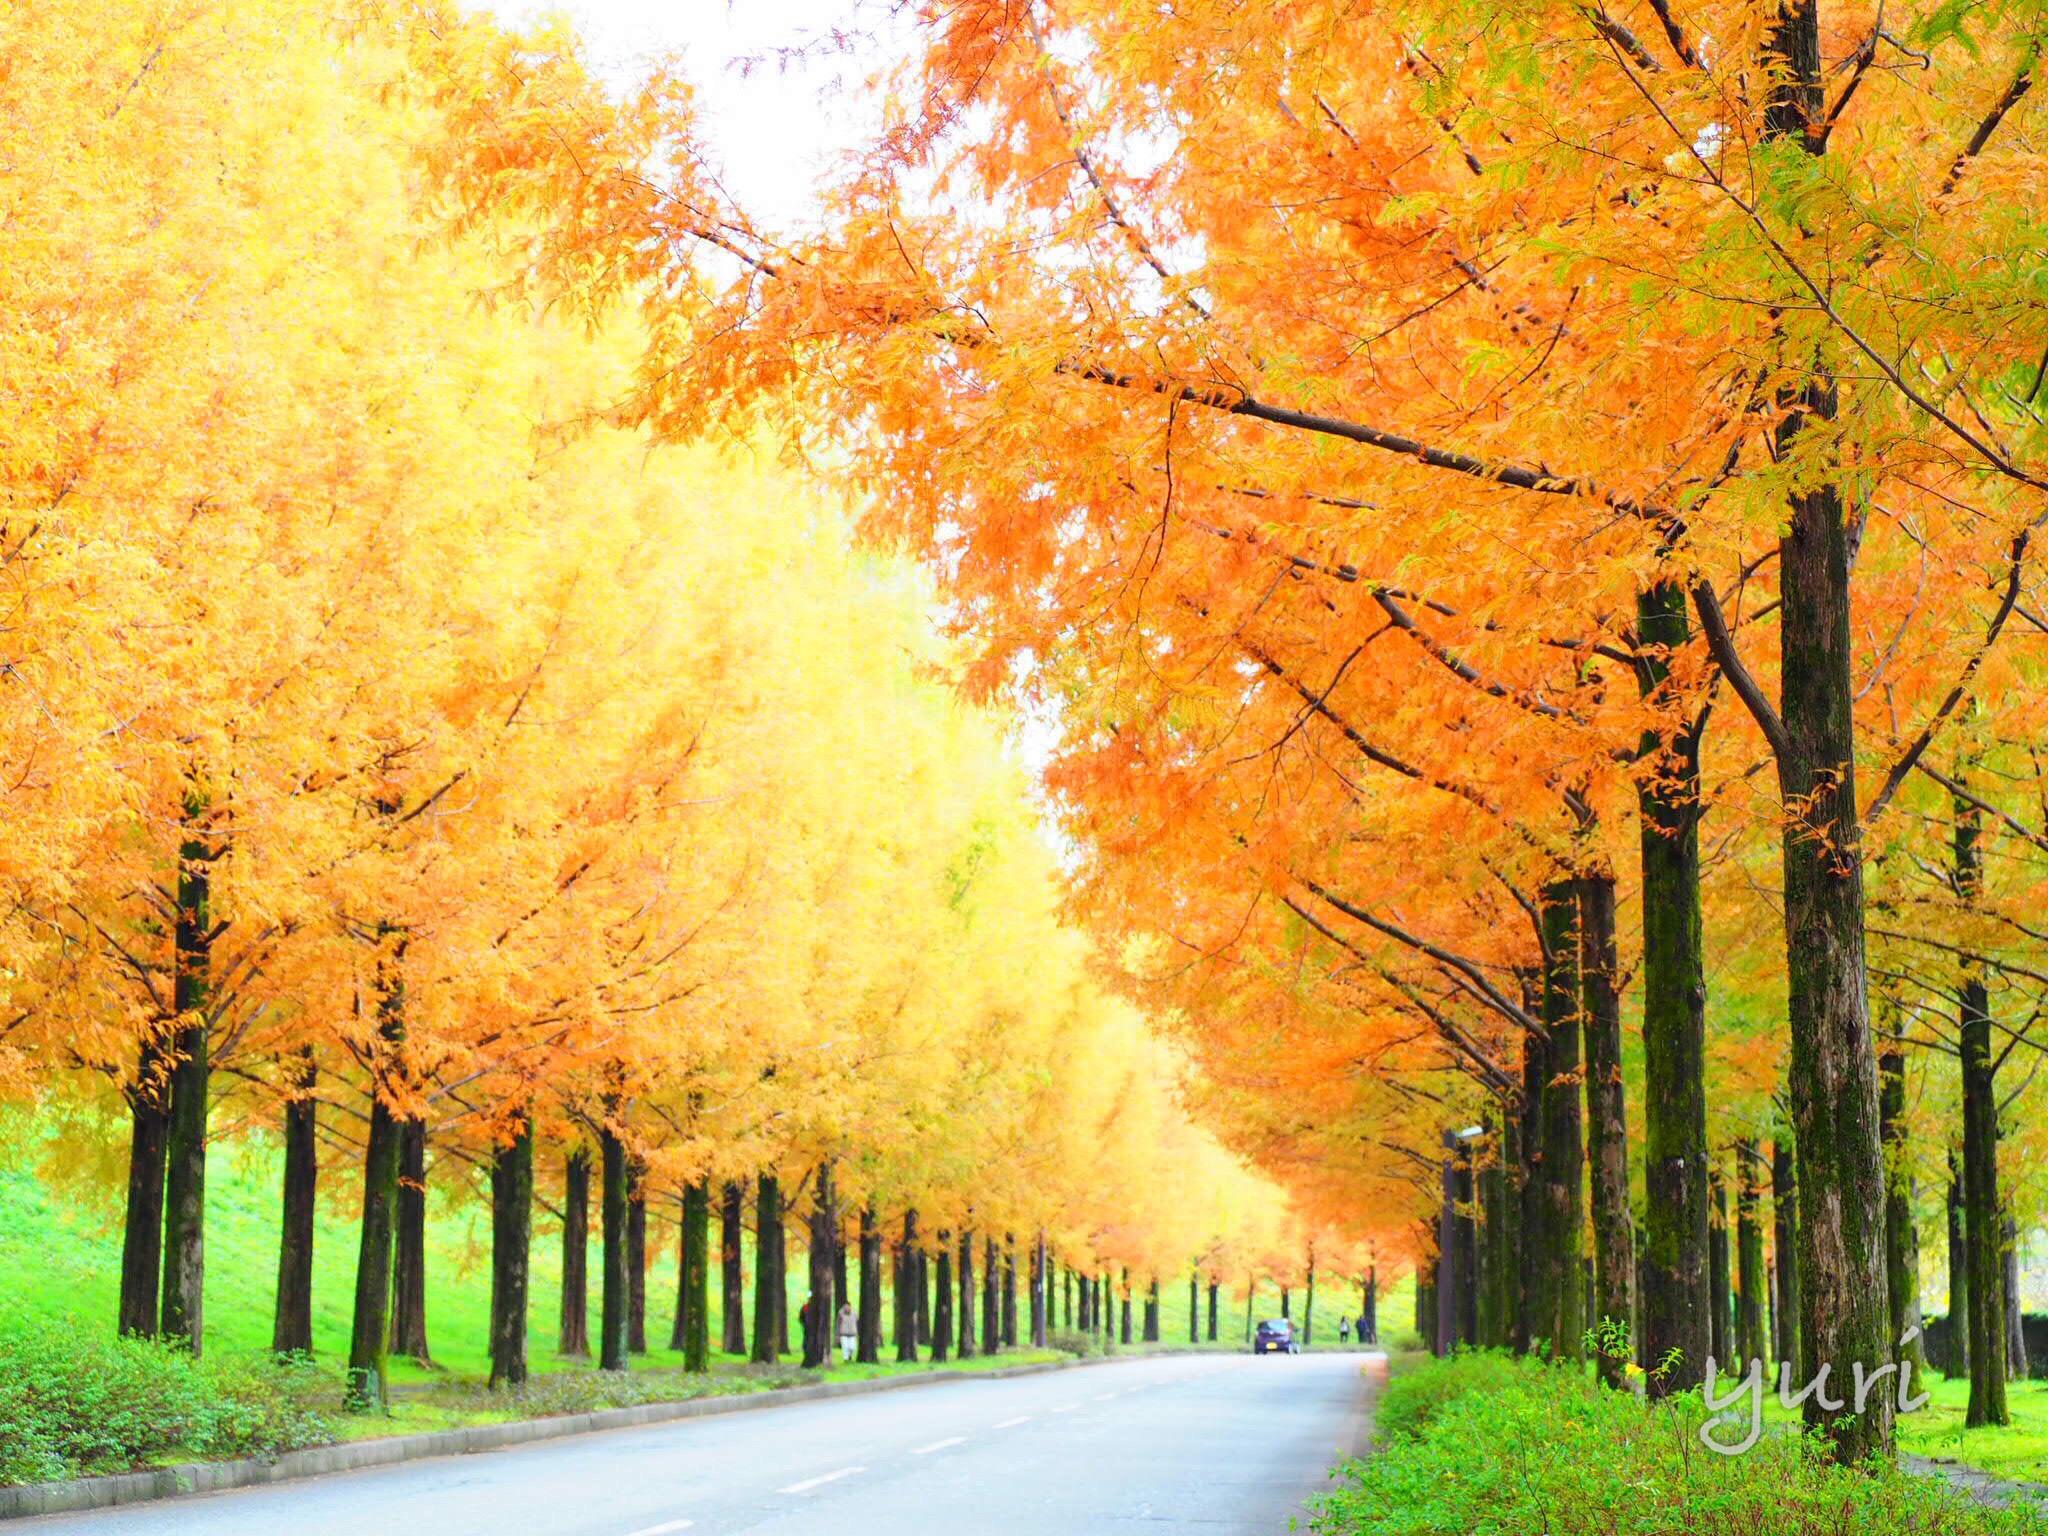 滋賀だけじゃない!金沢のメタセコイア並木「太陽が丘」で美しすぎる紅葉を